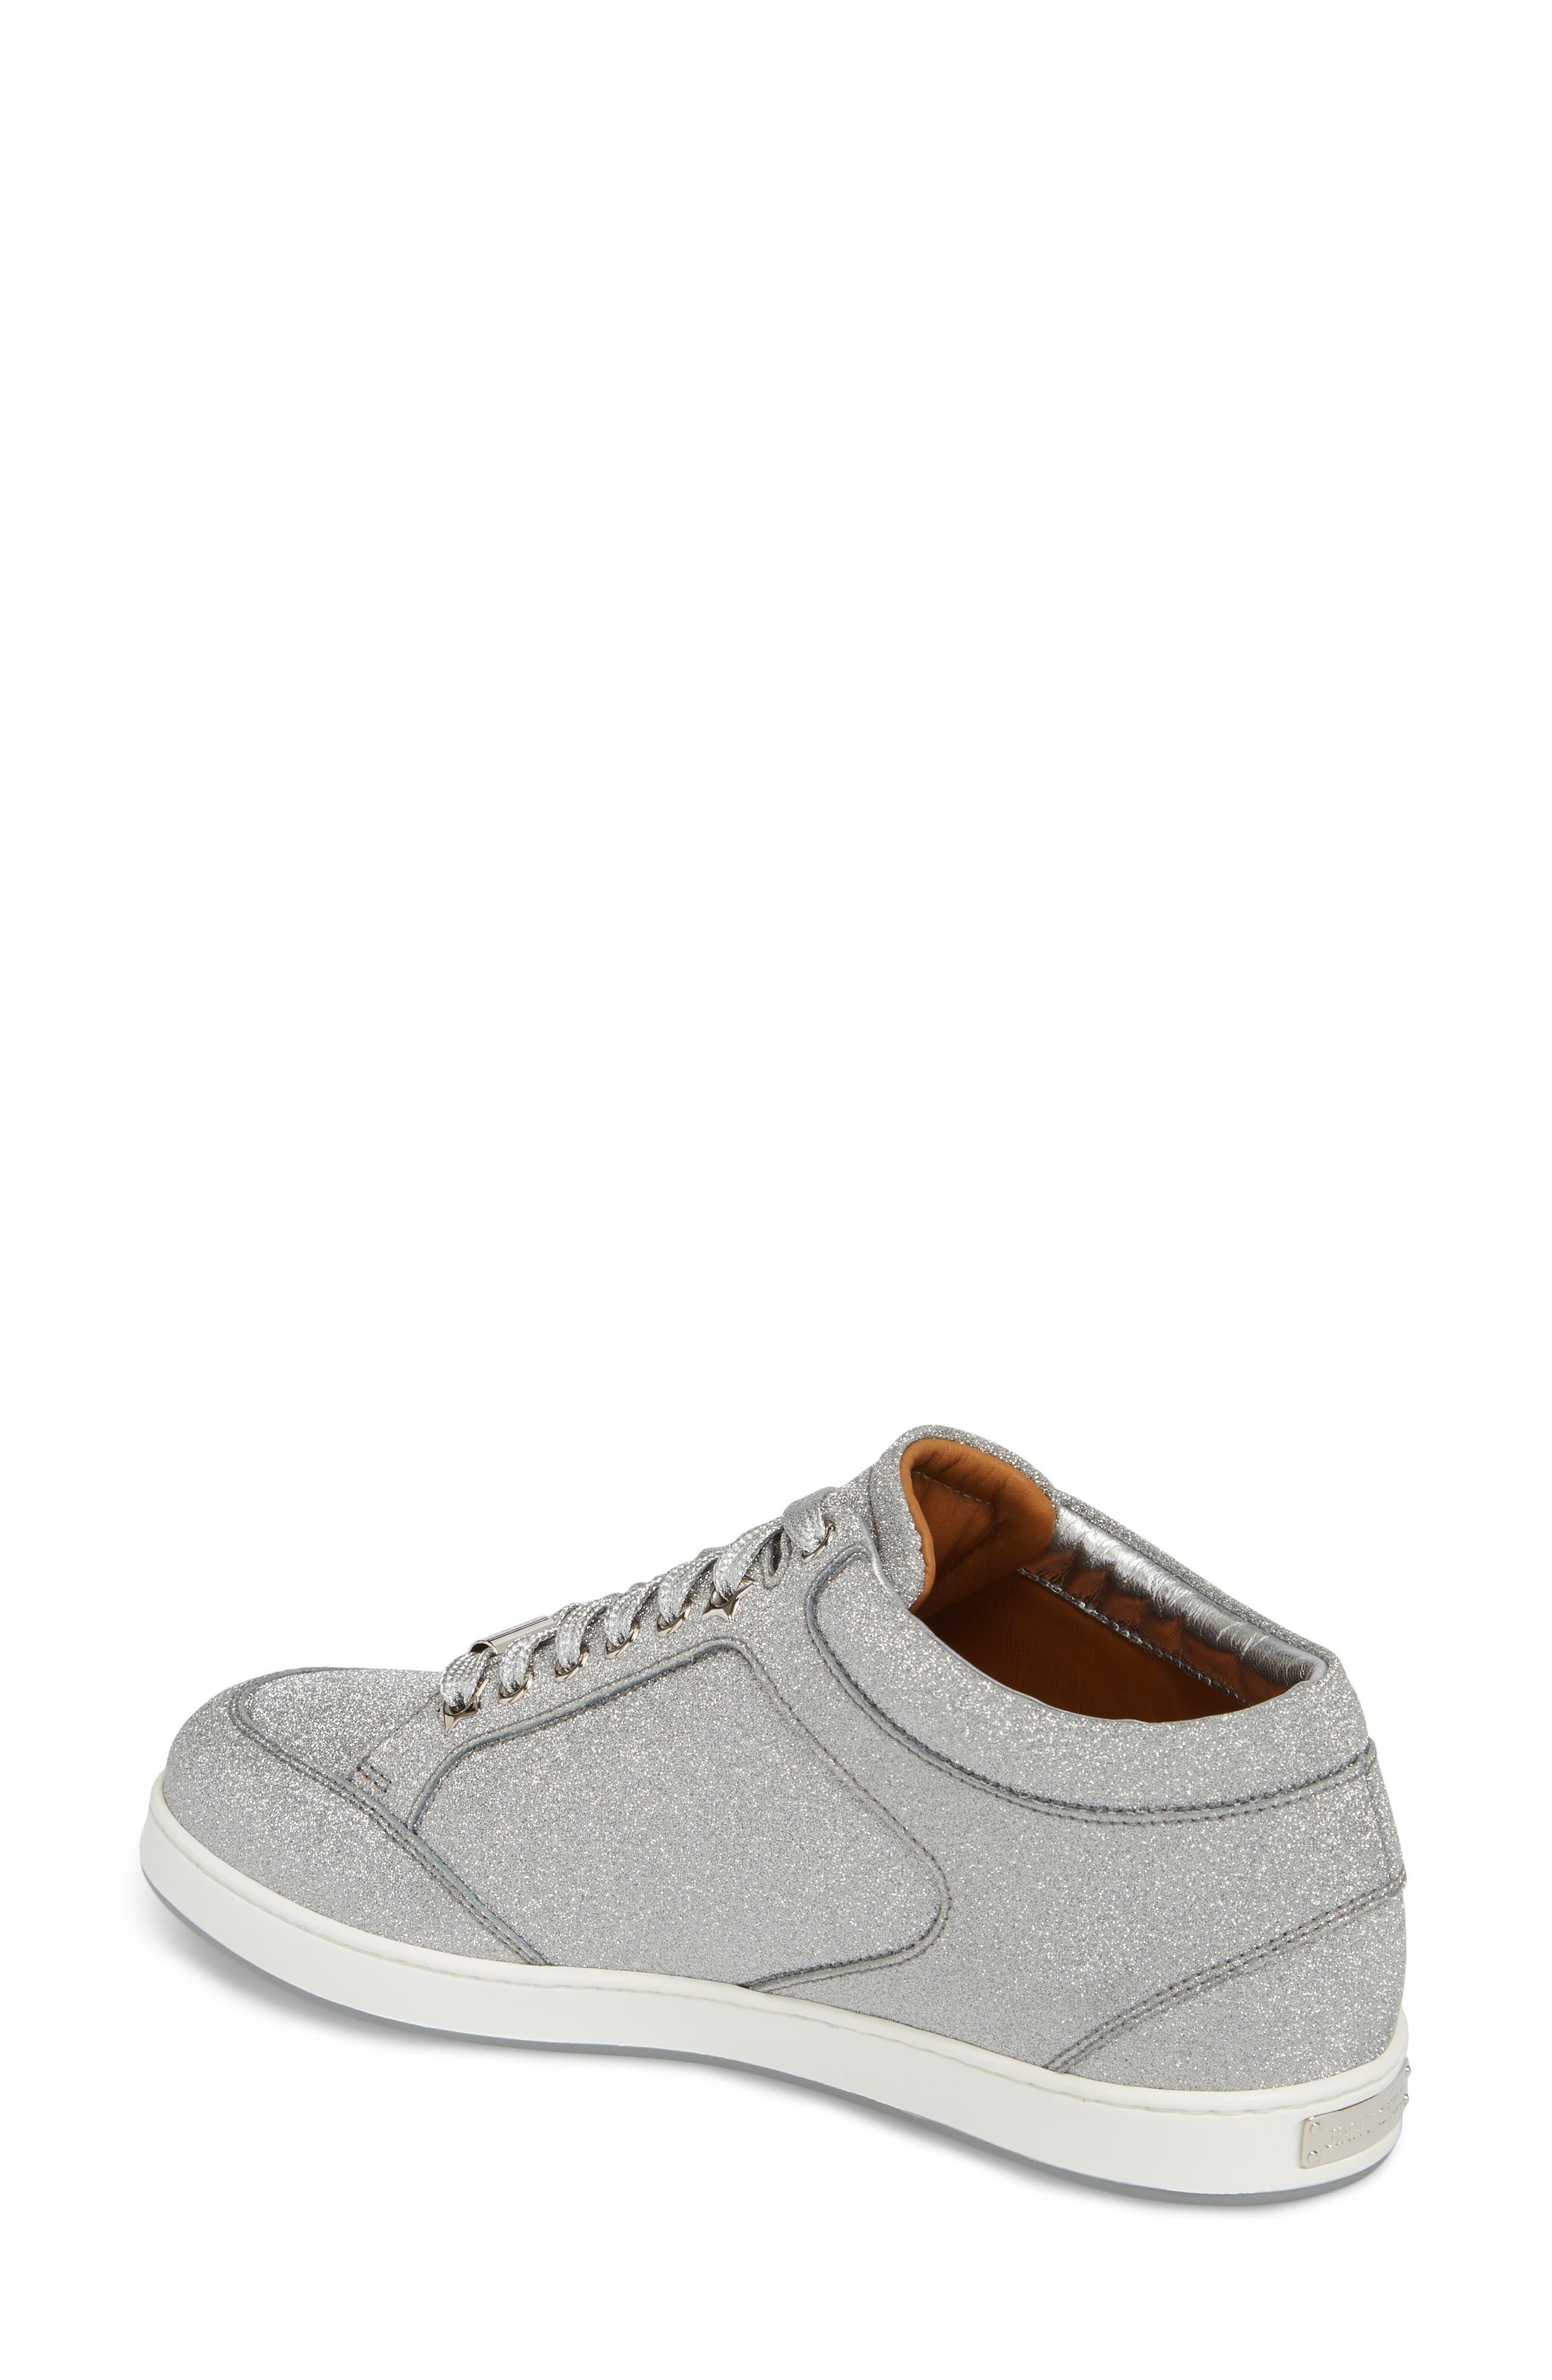 Miami Metallic Sneaker,                             Alternate thumbnail 2, color,                             Silver